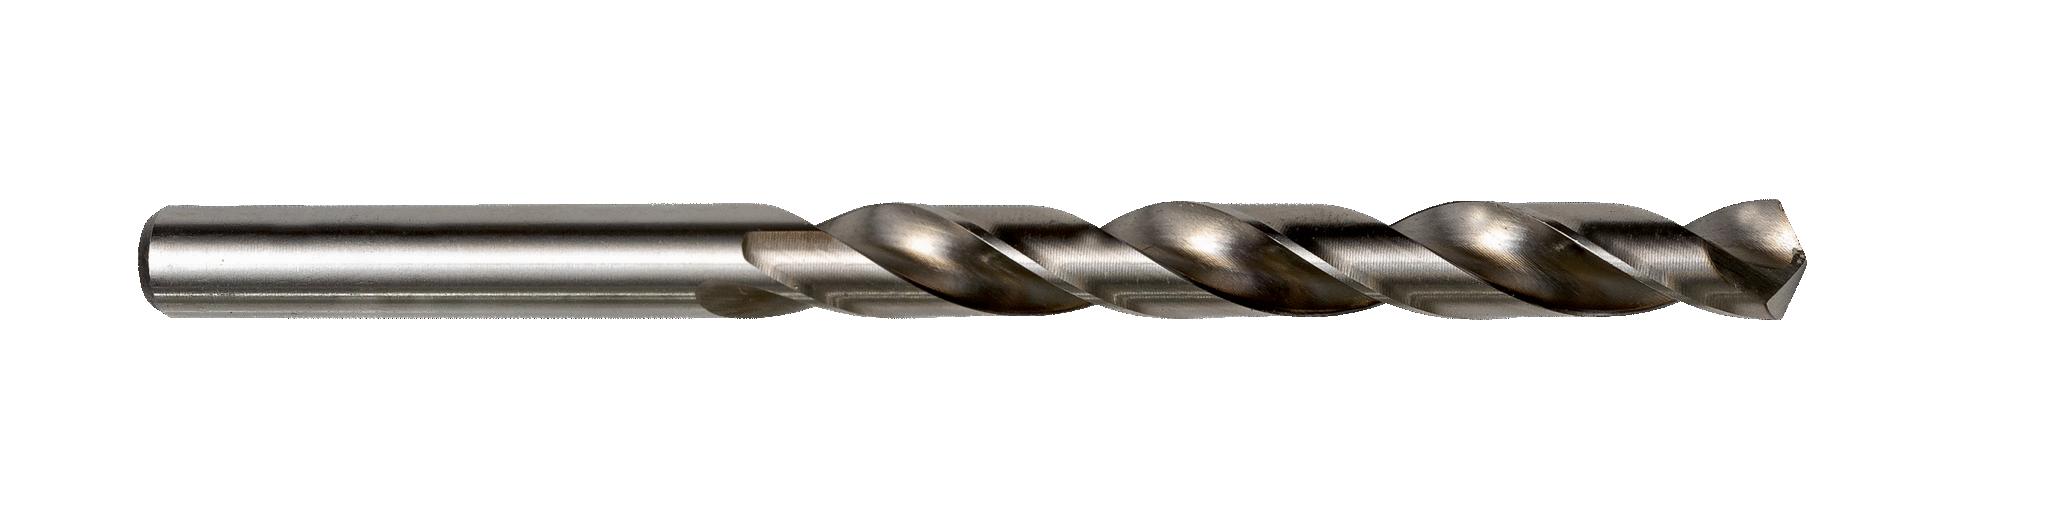 drill bit angle chart